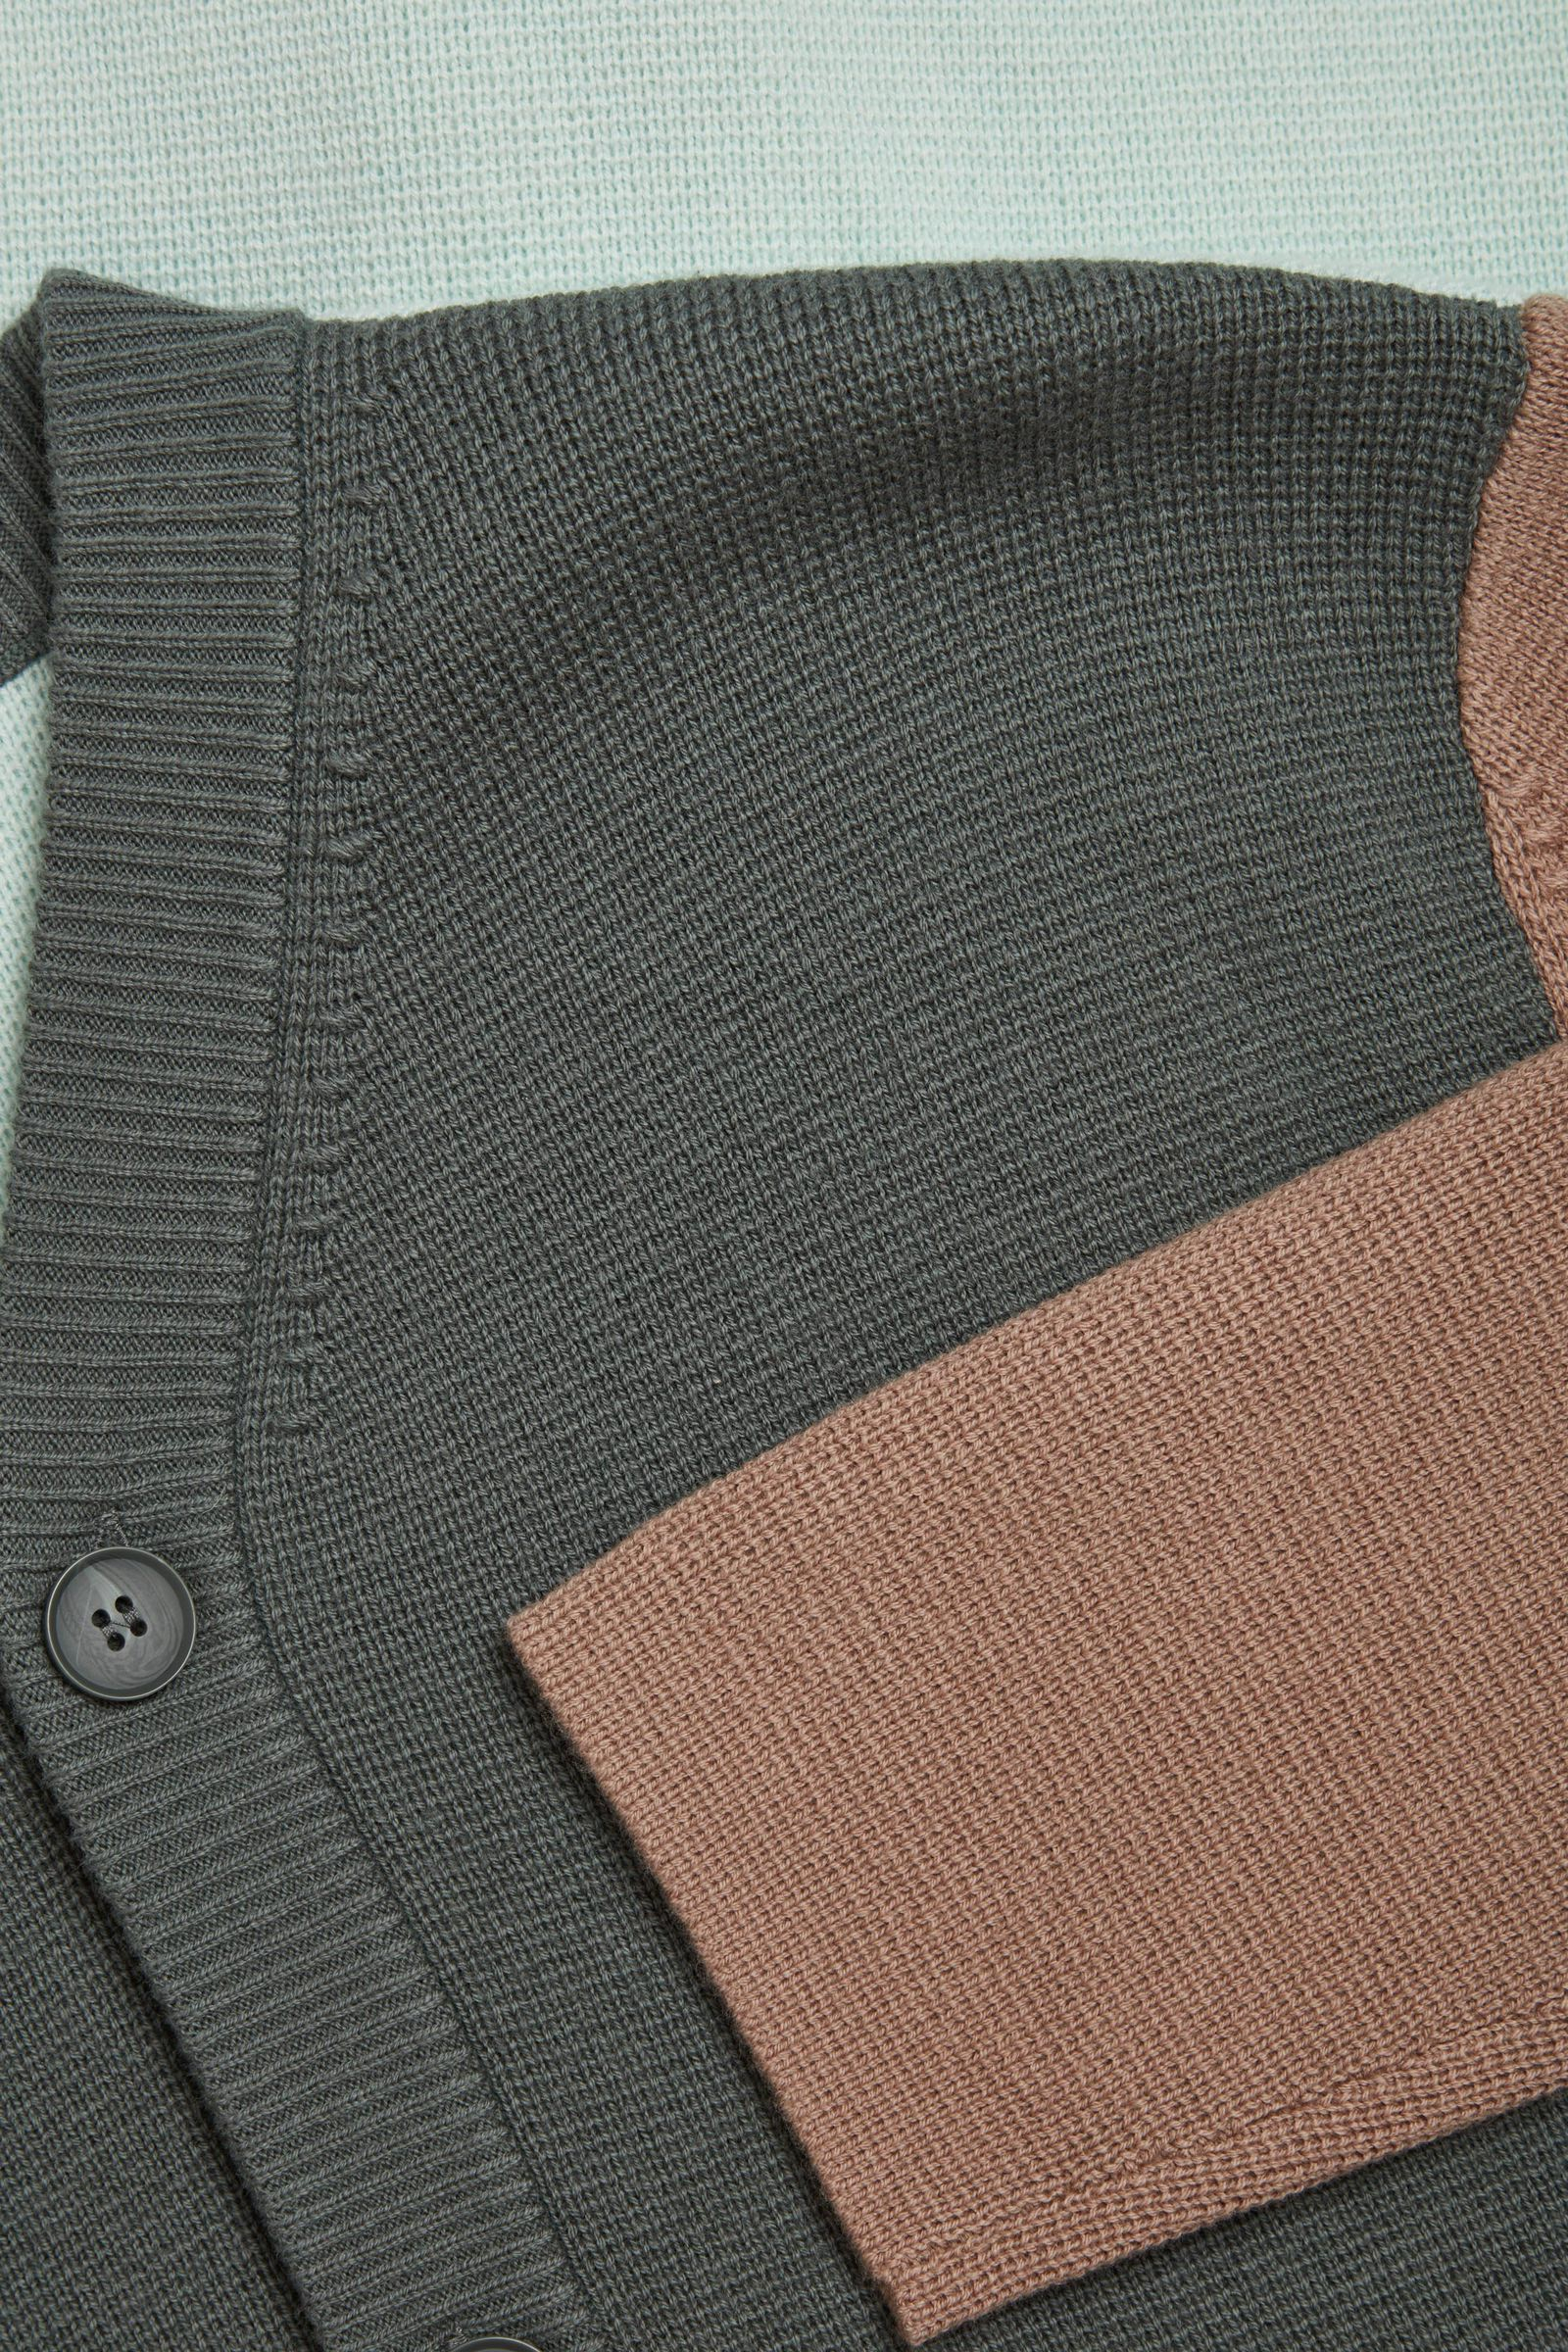 COS 오가닉 코튼 메리노 울 믹스 가디건의 그레이 / 브라운컬러 Detail입니다.